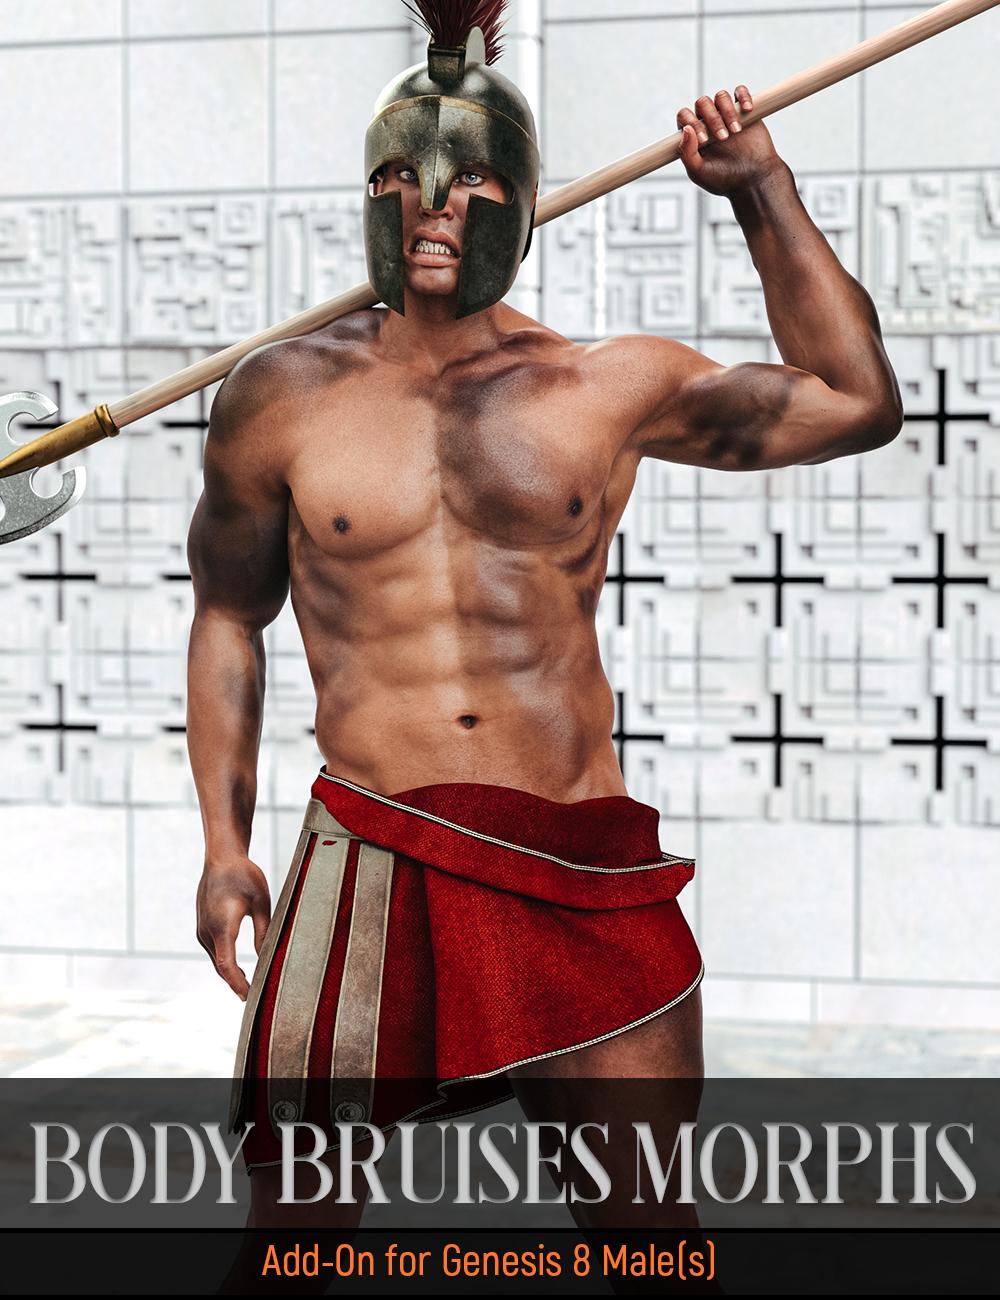 Body Bruises Morphs for Genesis 8 Male(s) by: FenixPhoenixEsid, 3D Models by Daz 3D